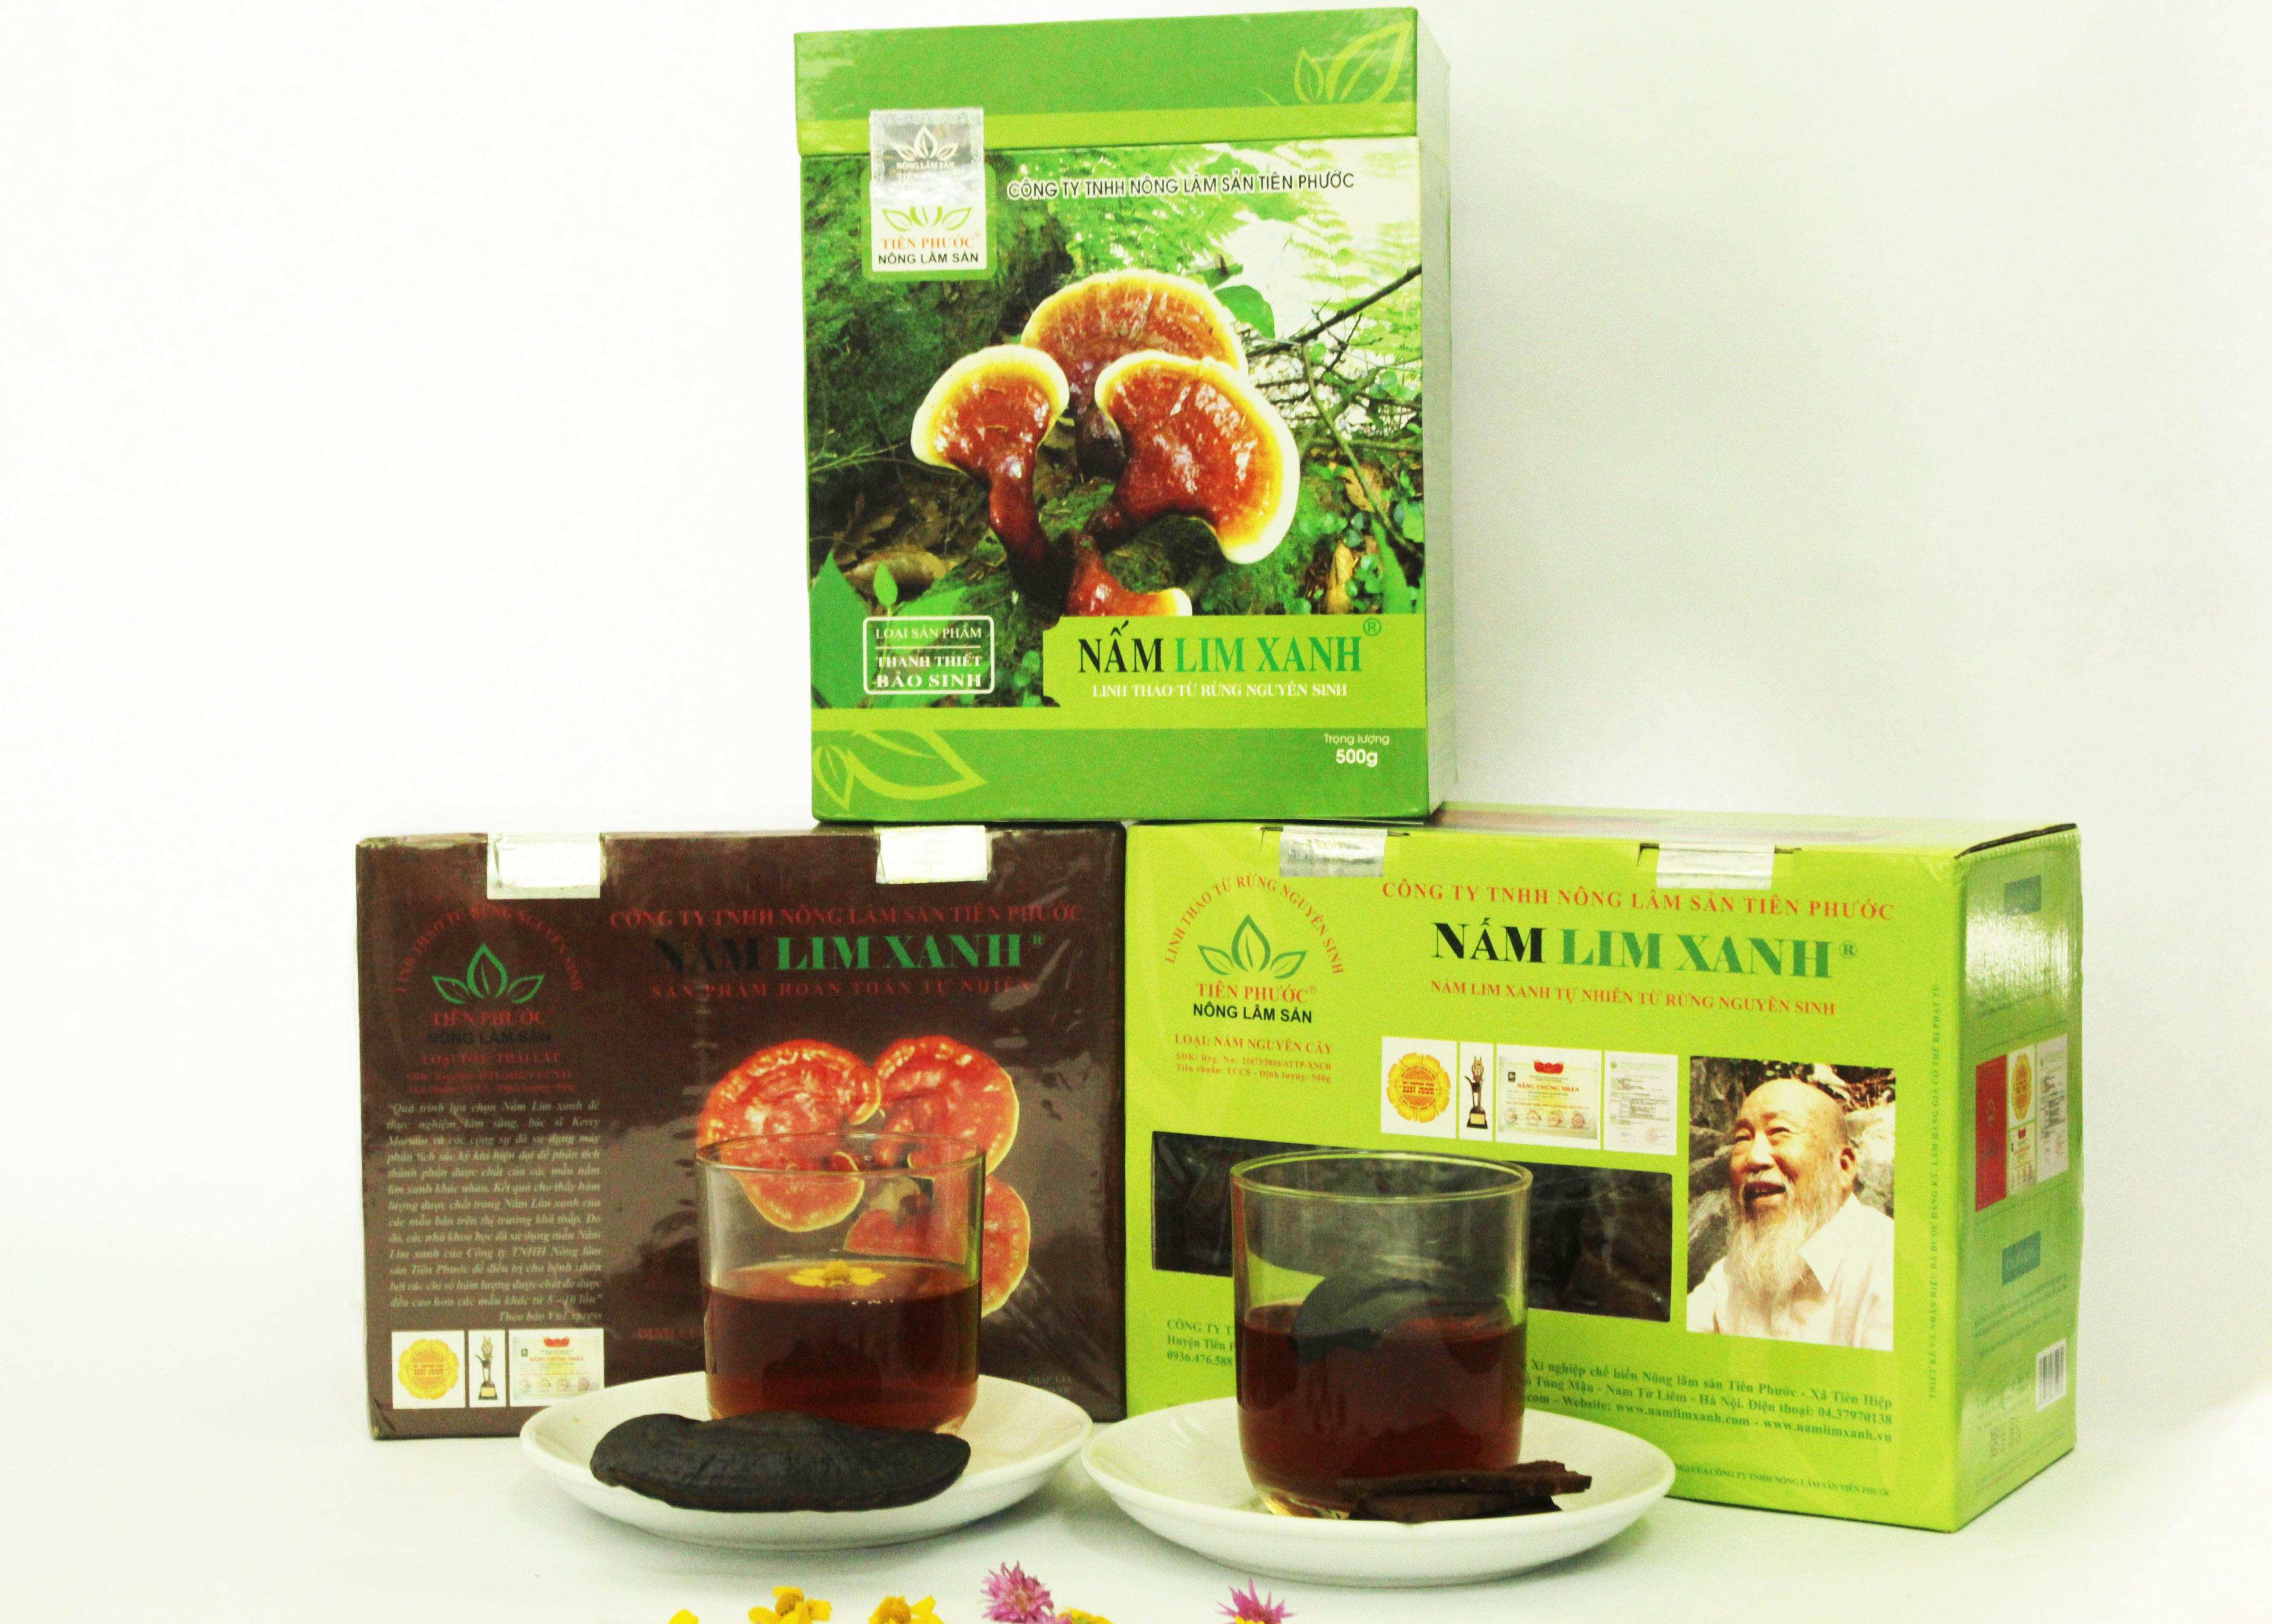 Giá nấm lim xanh rừng phụ thuộc vào từng loại sản phẩm